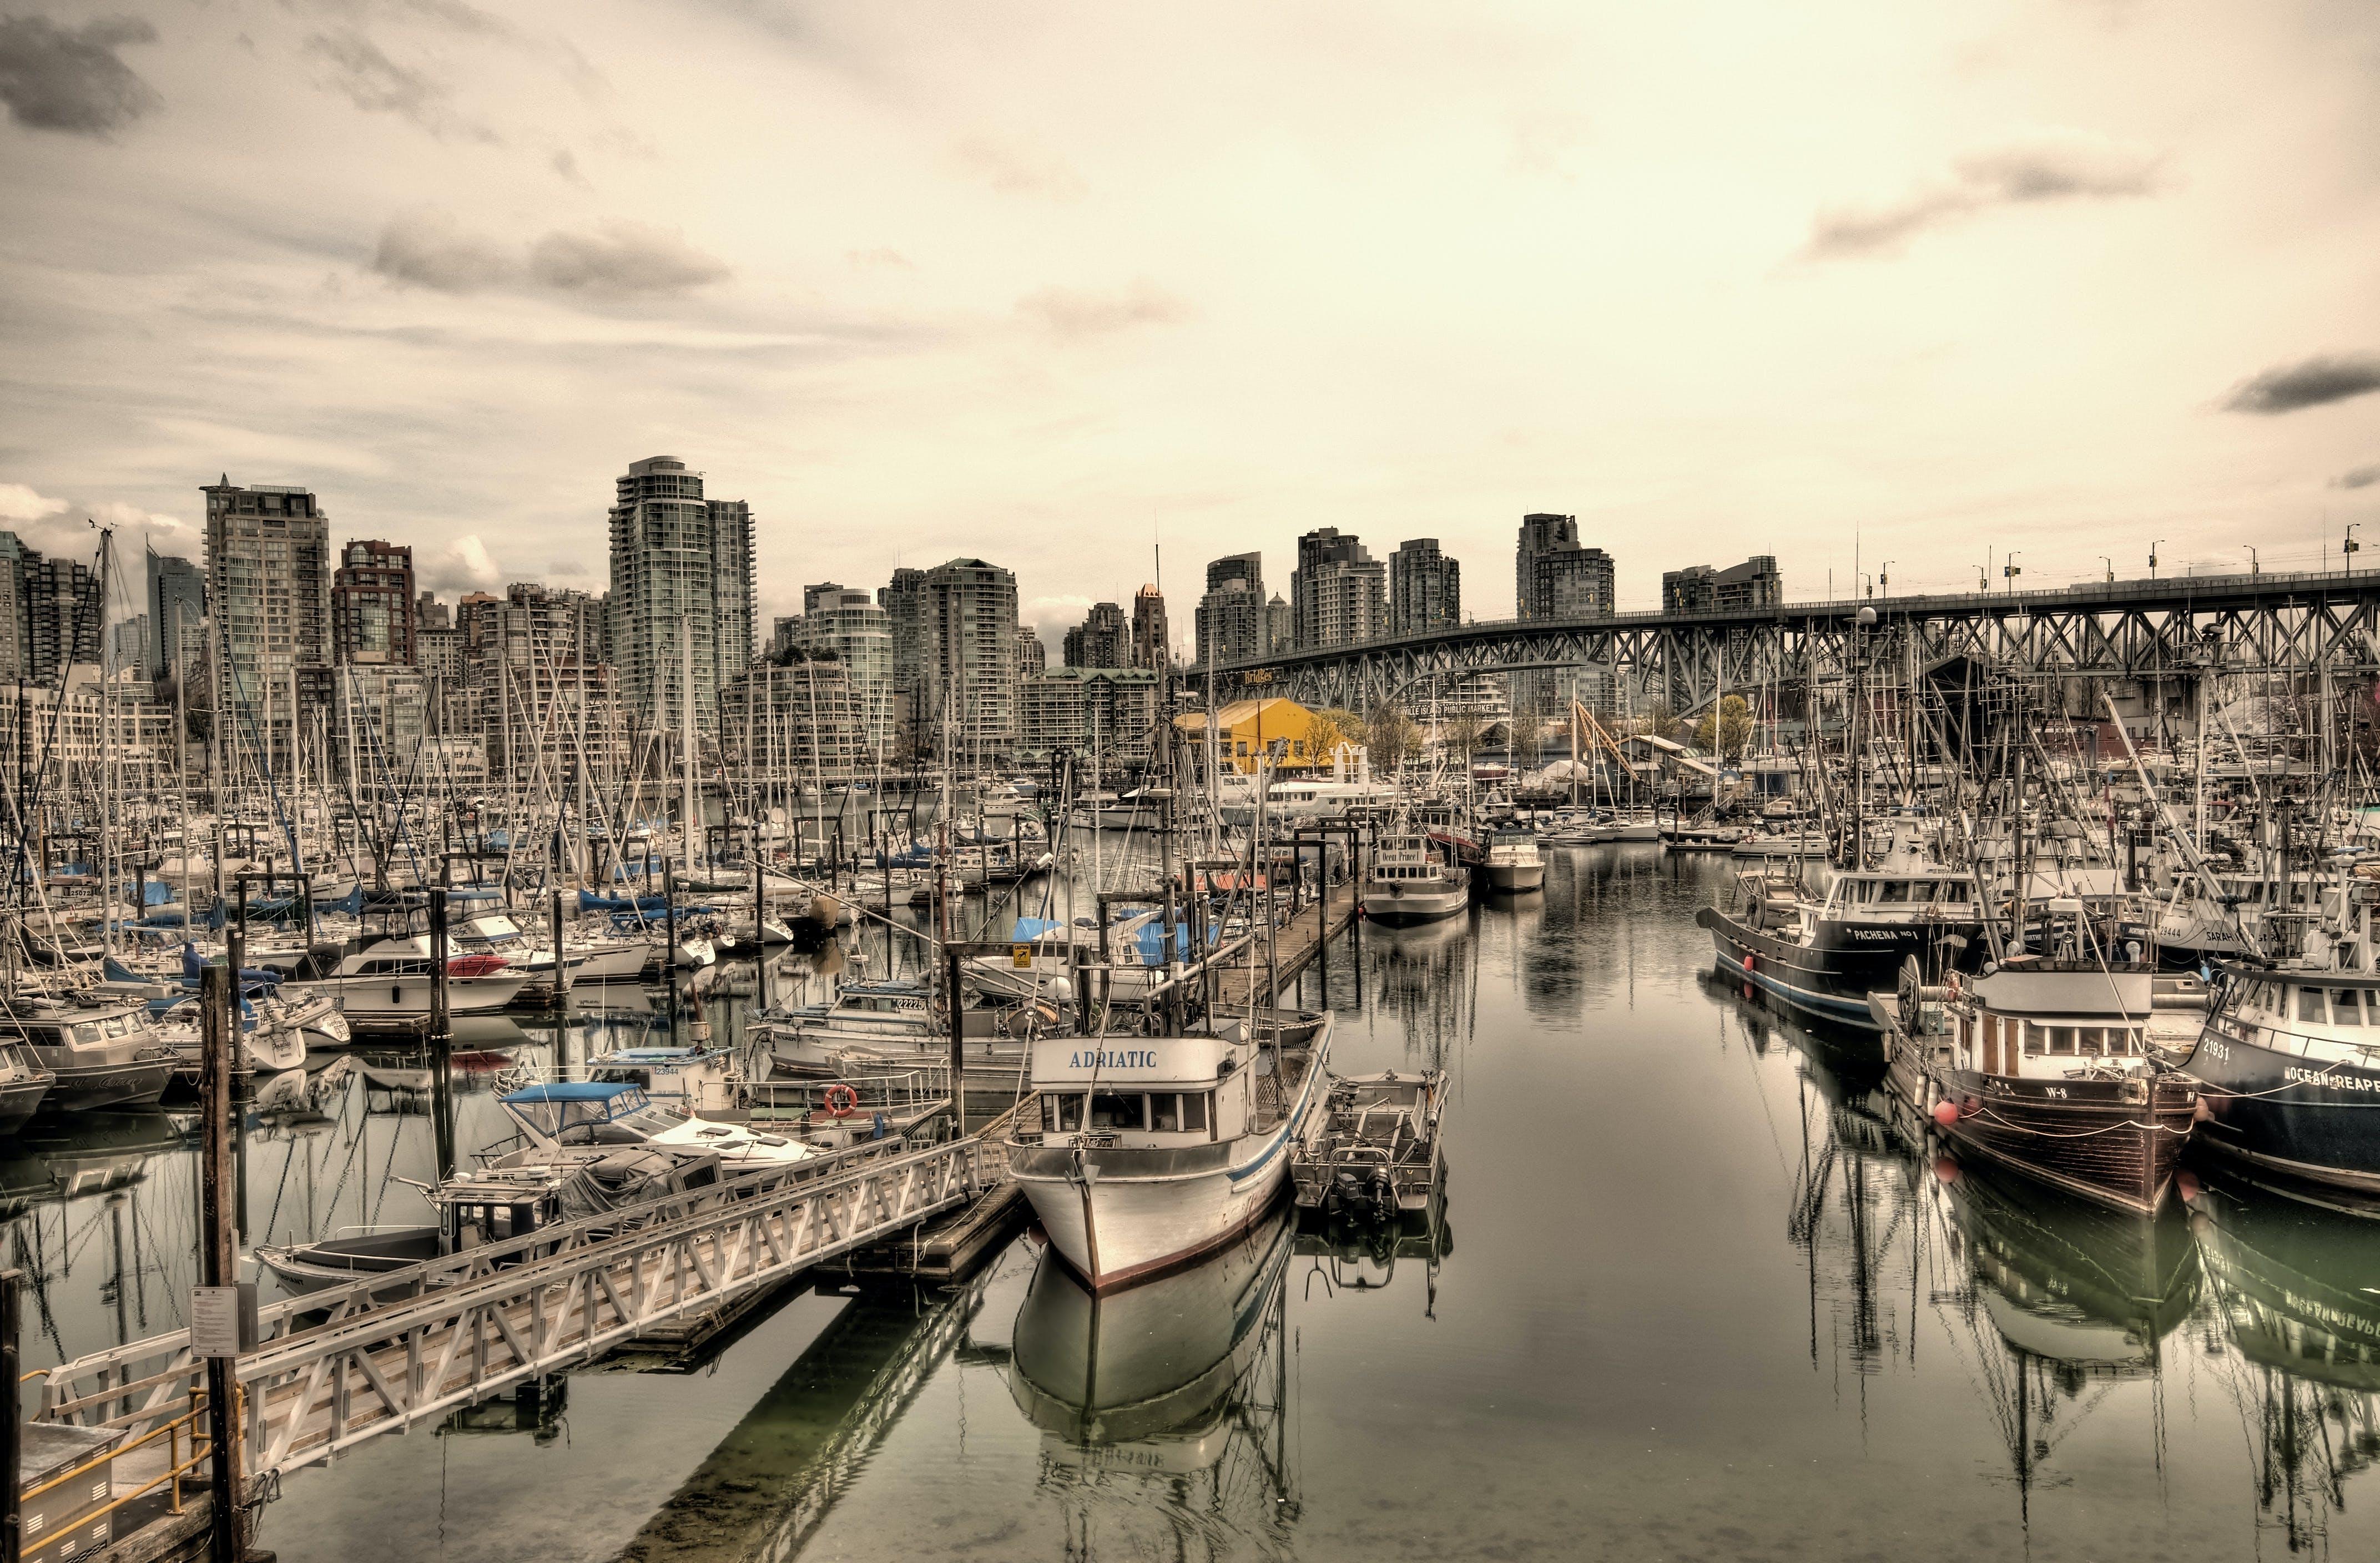 acqua, architettura, barche